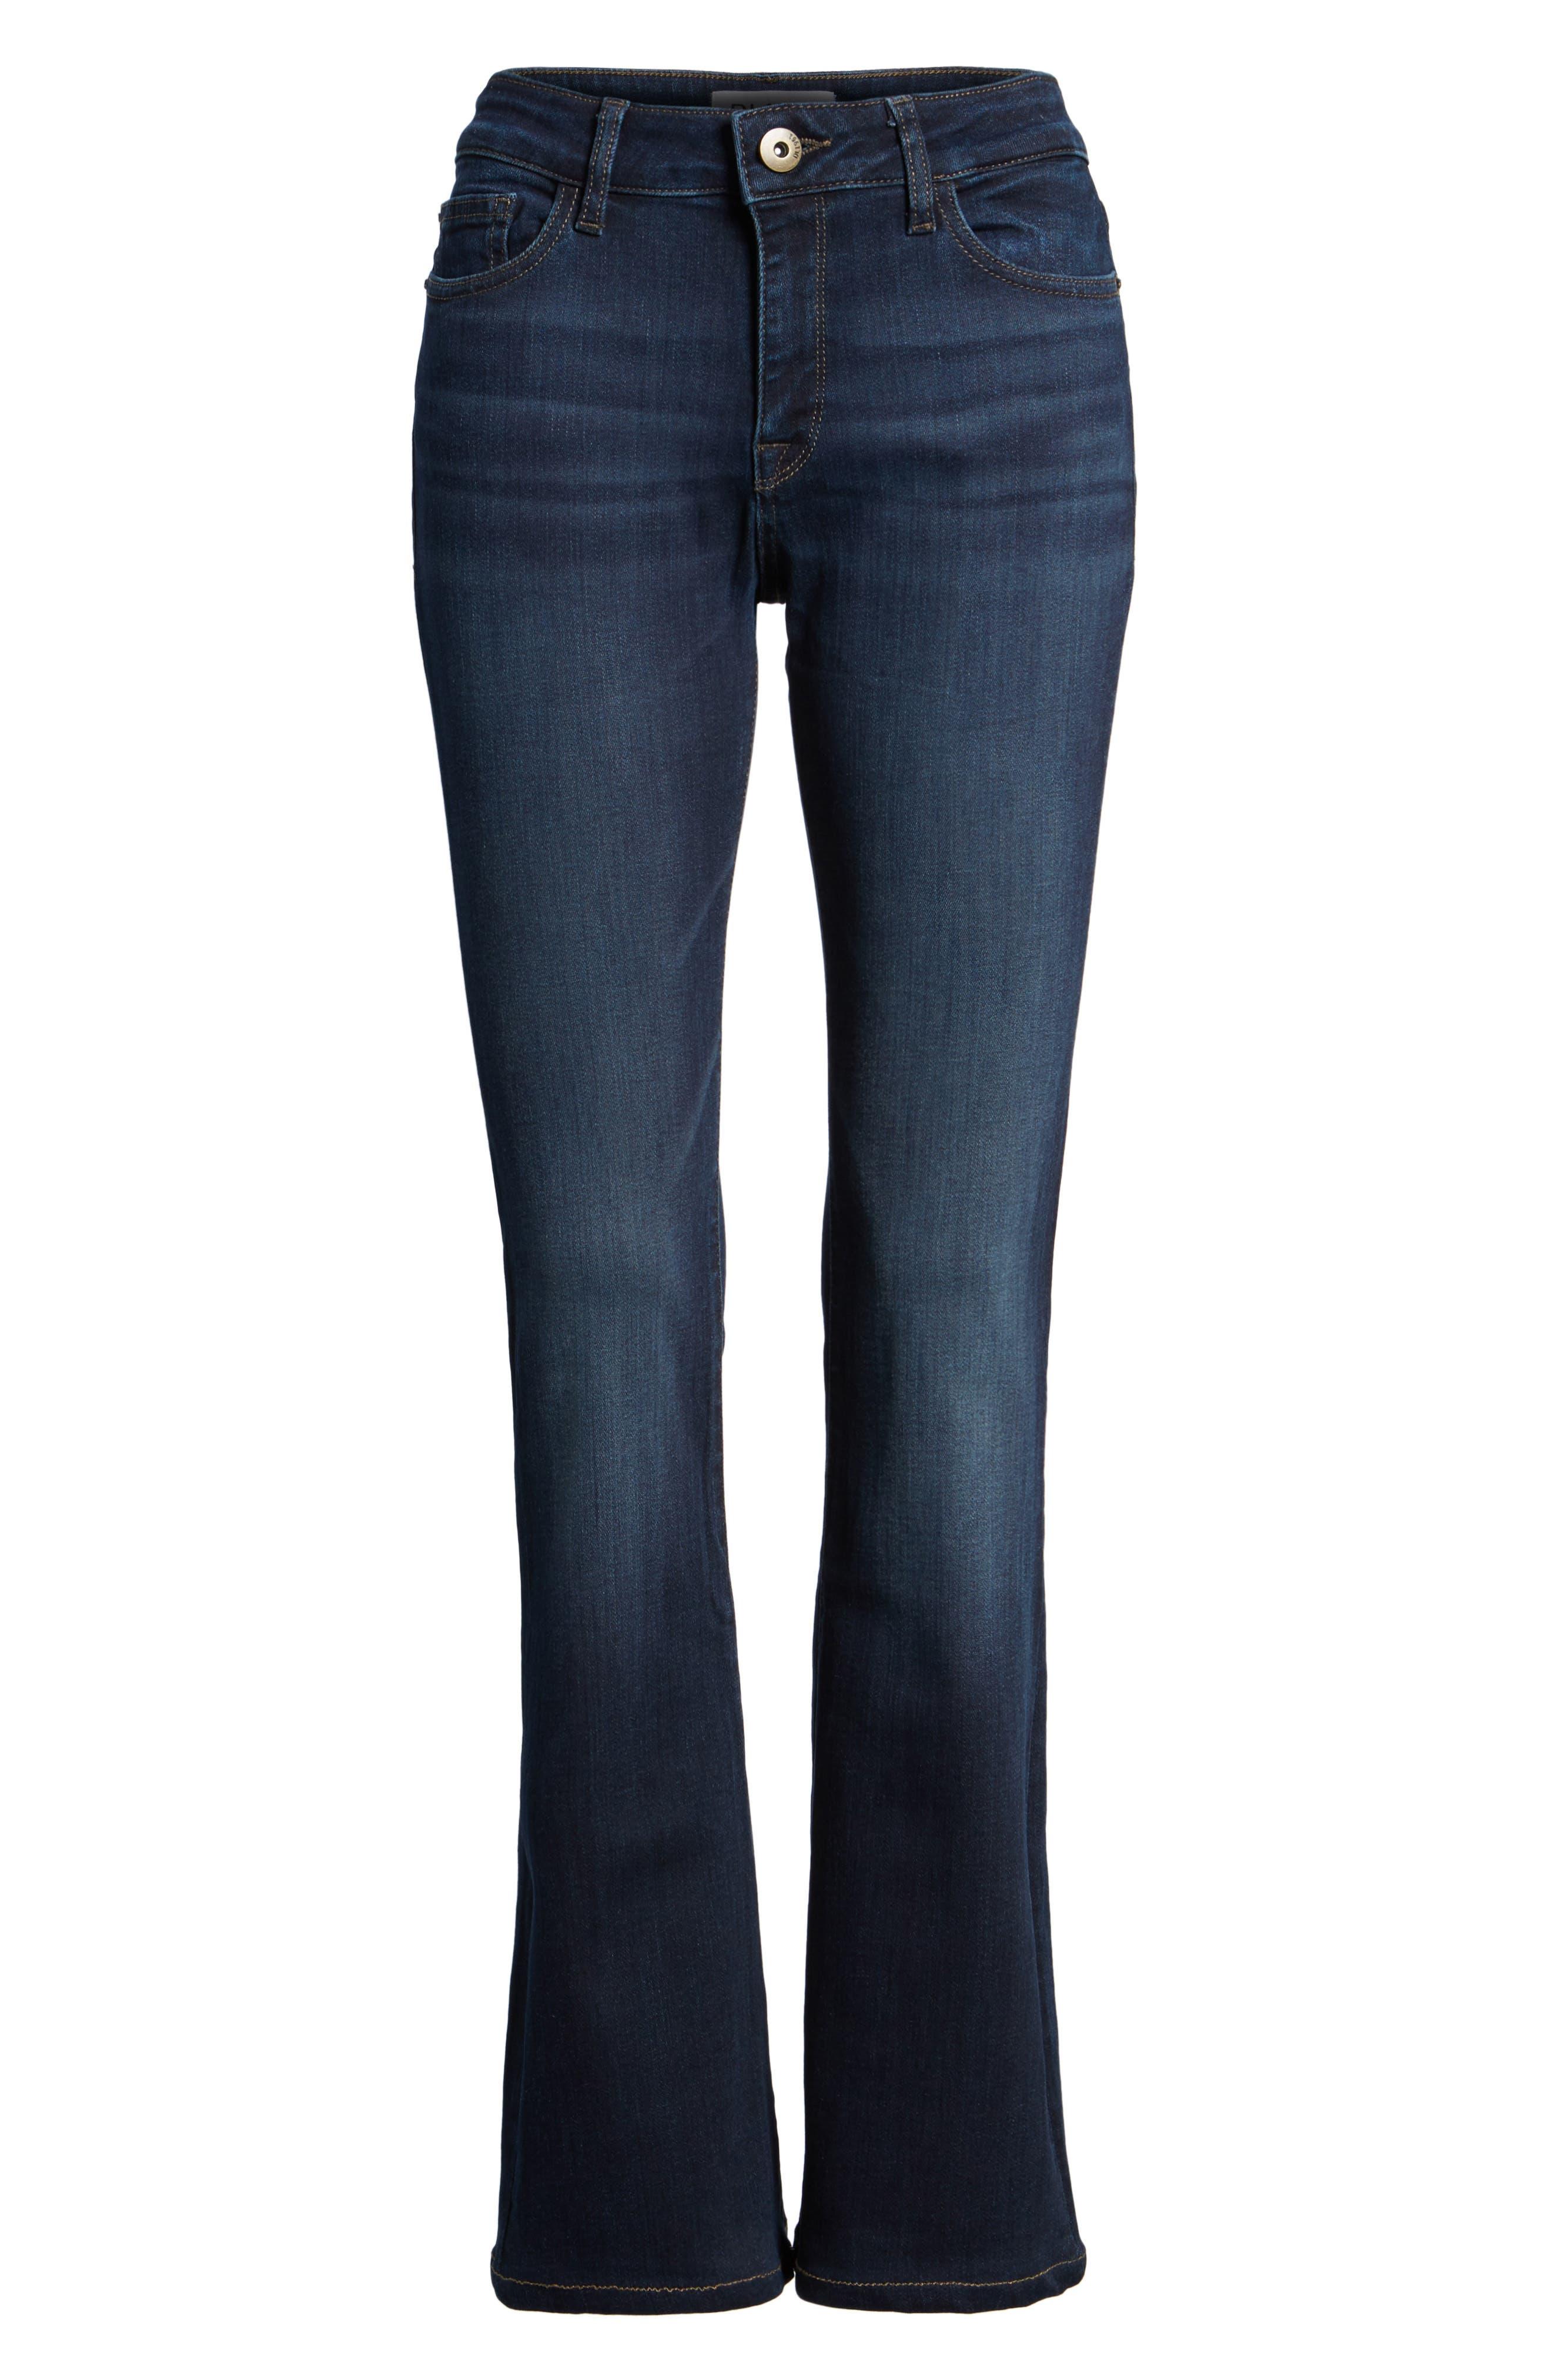 DL1961 'Bridget 33' Bootcut Jeans, Main, color, PEAK